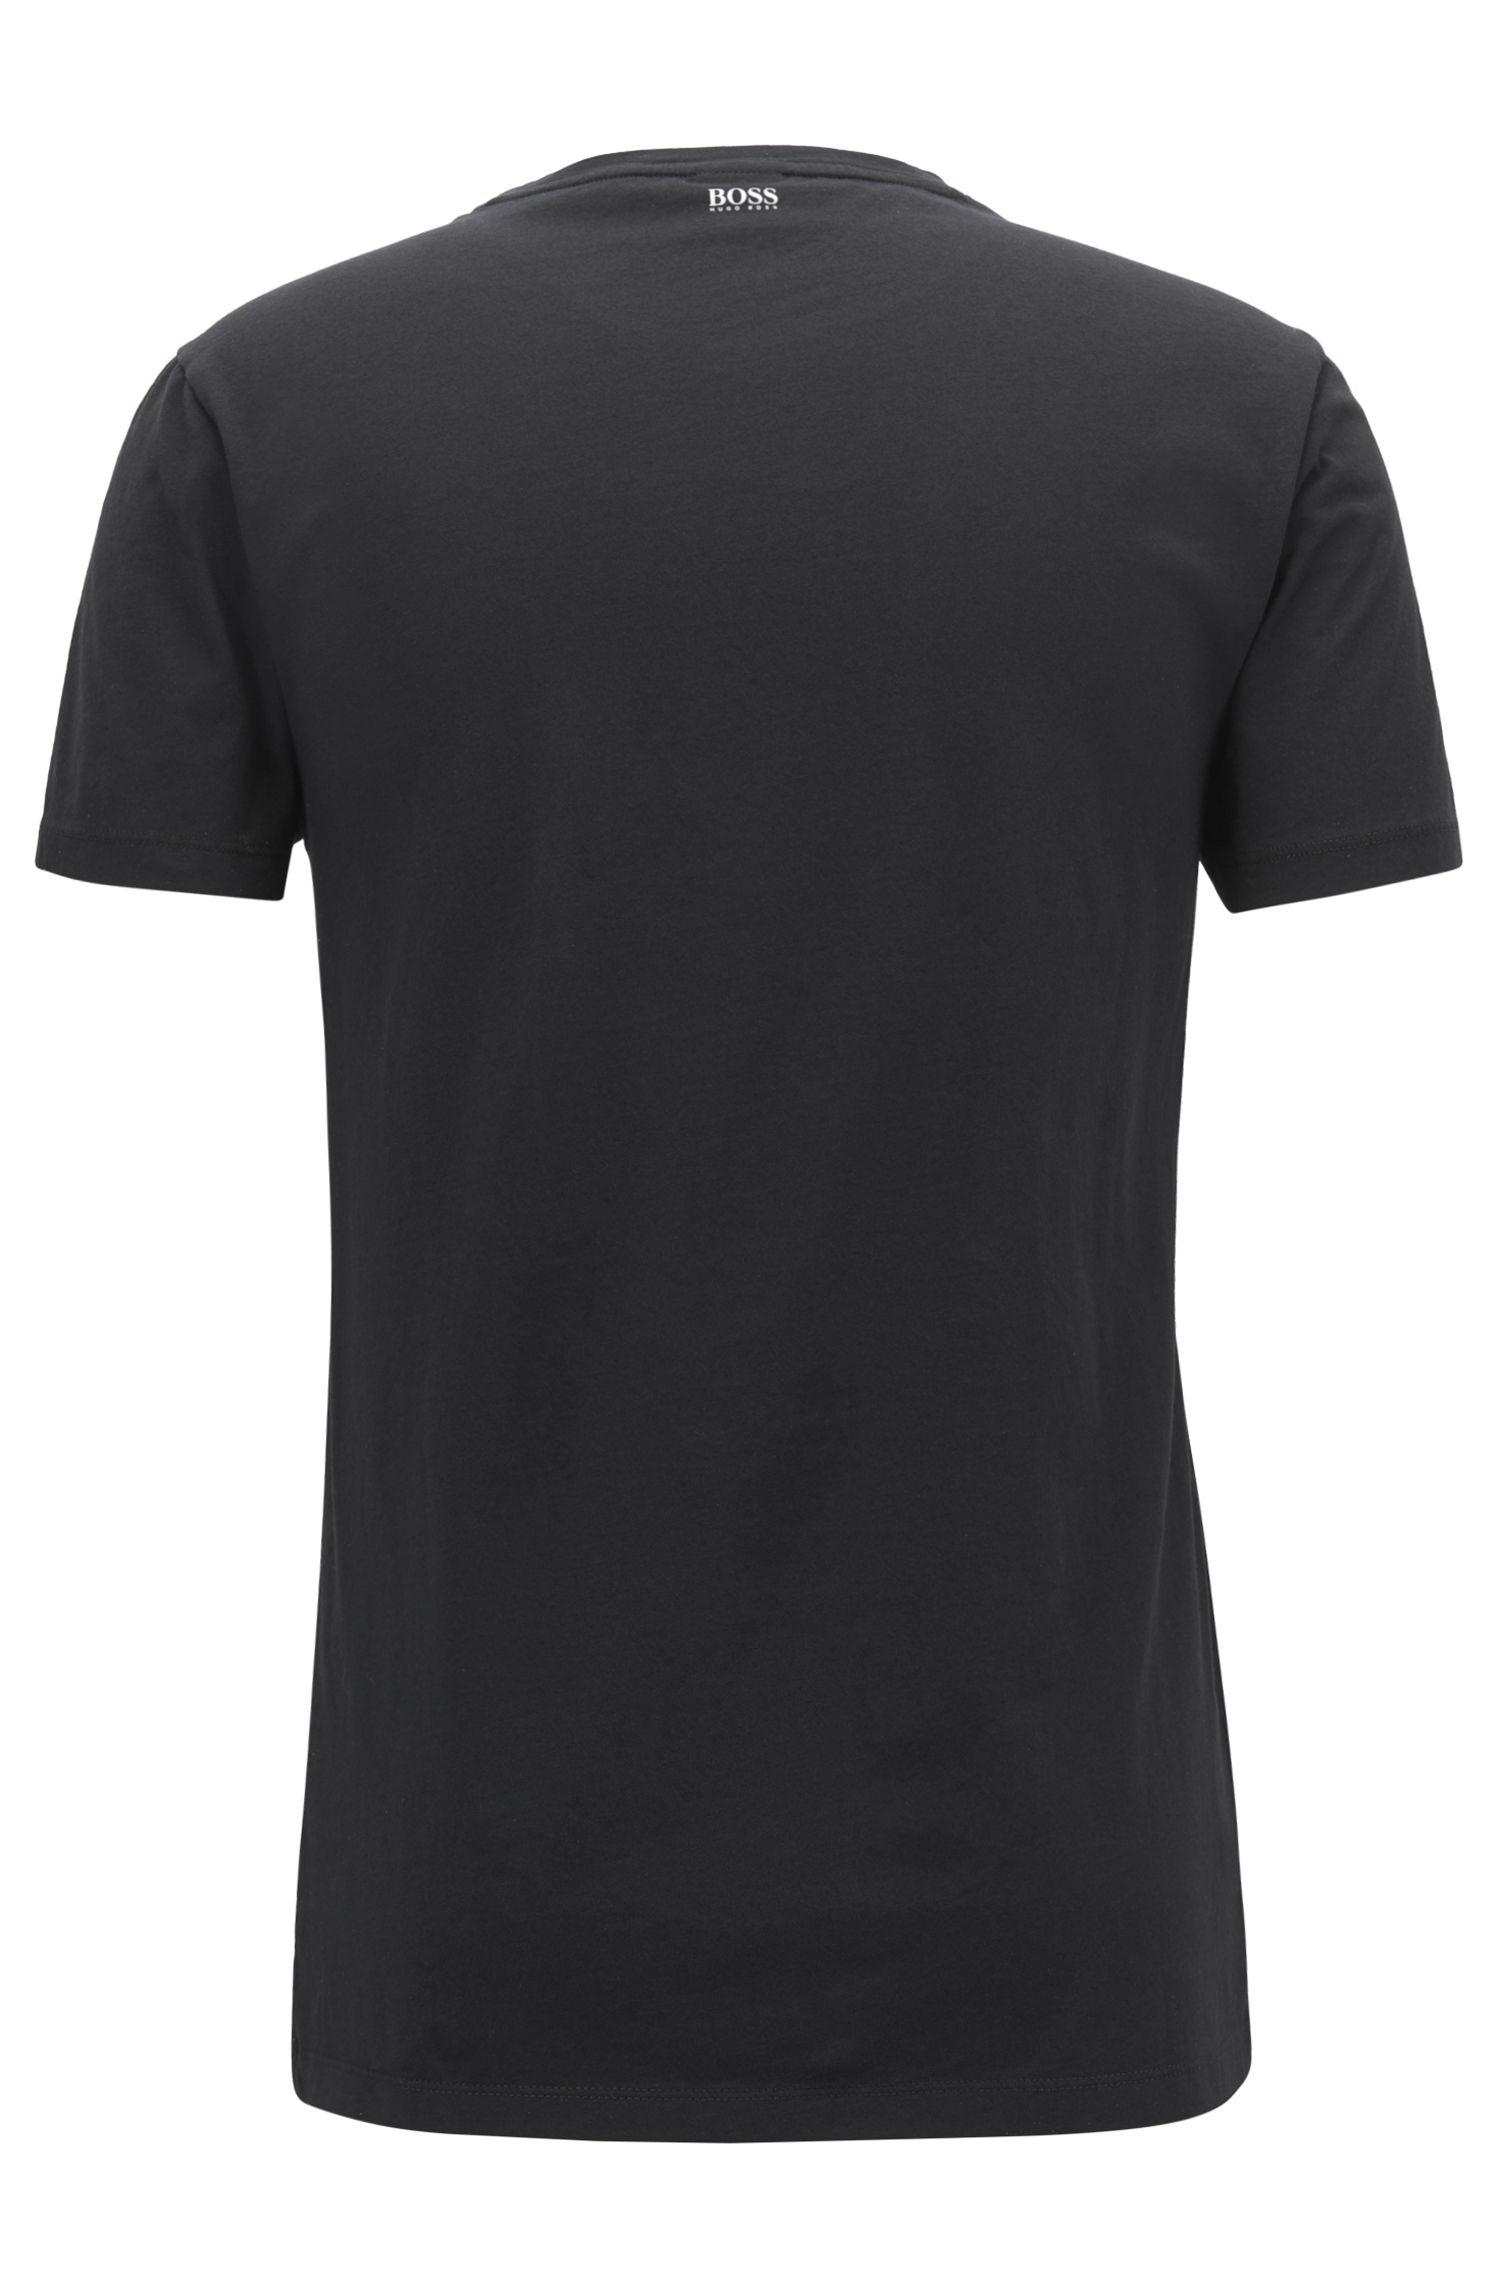 T-shirt van gewassen katoen met Big Ben-print, Zwart